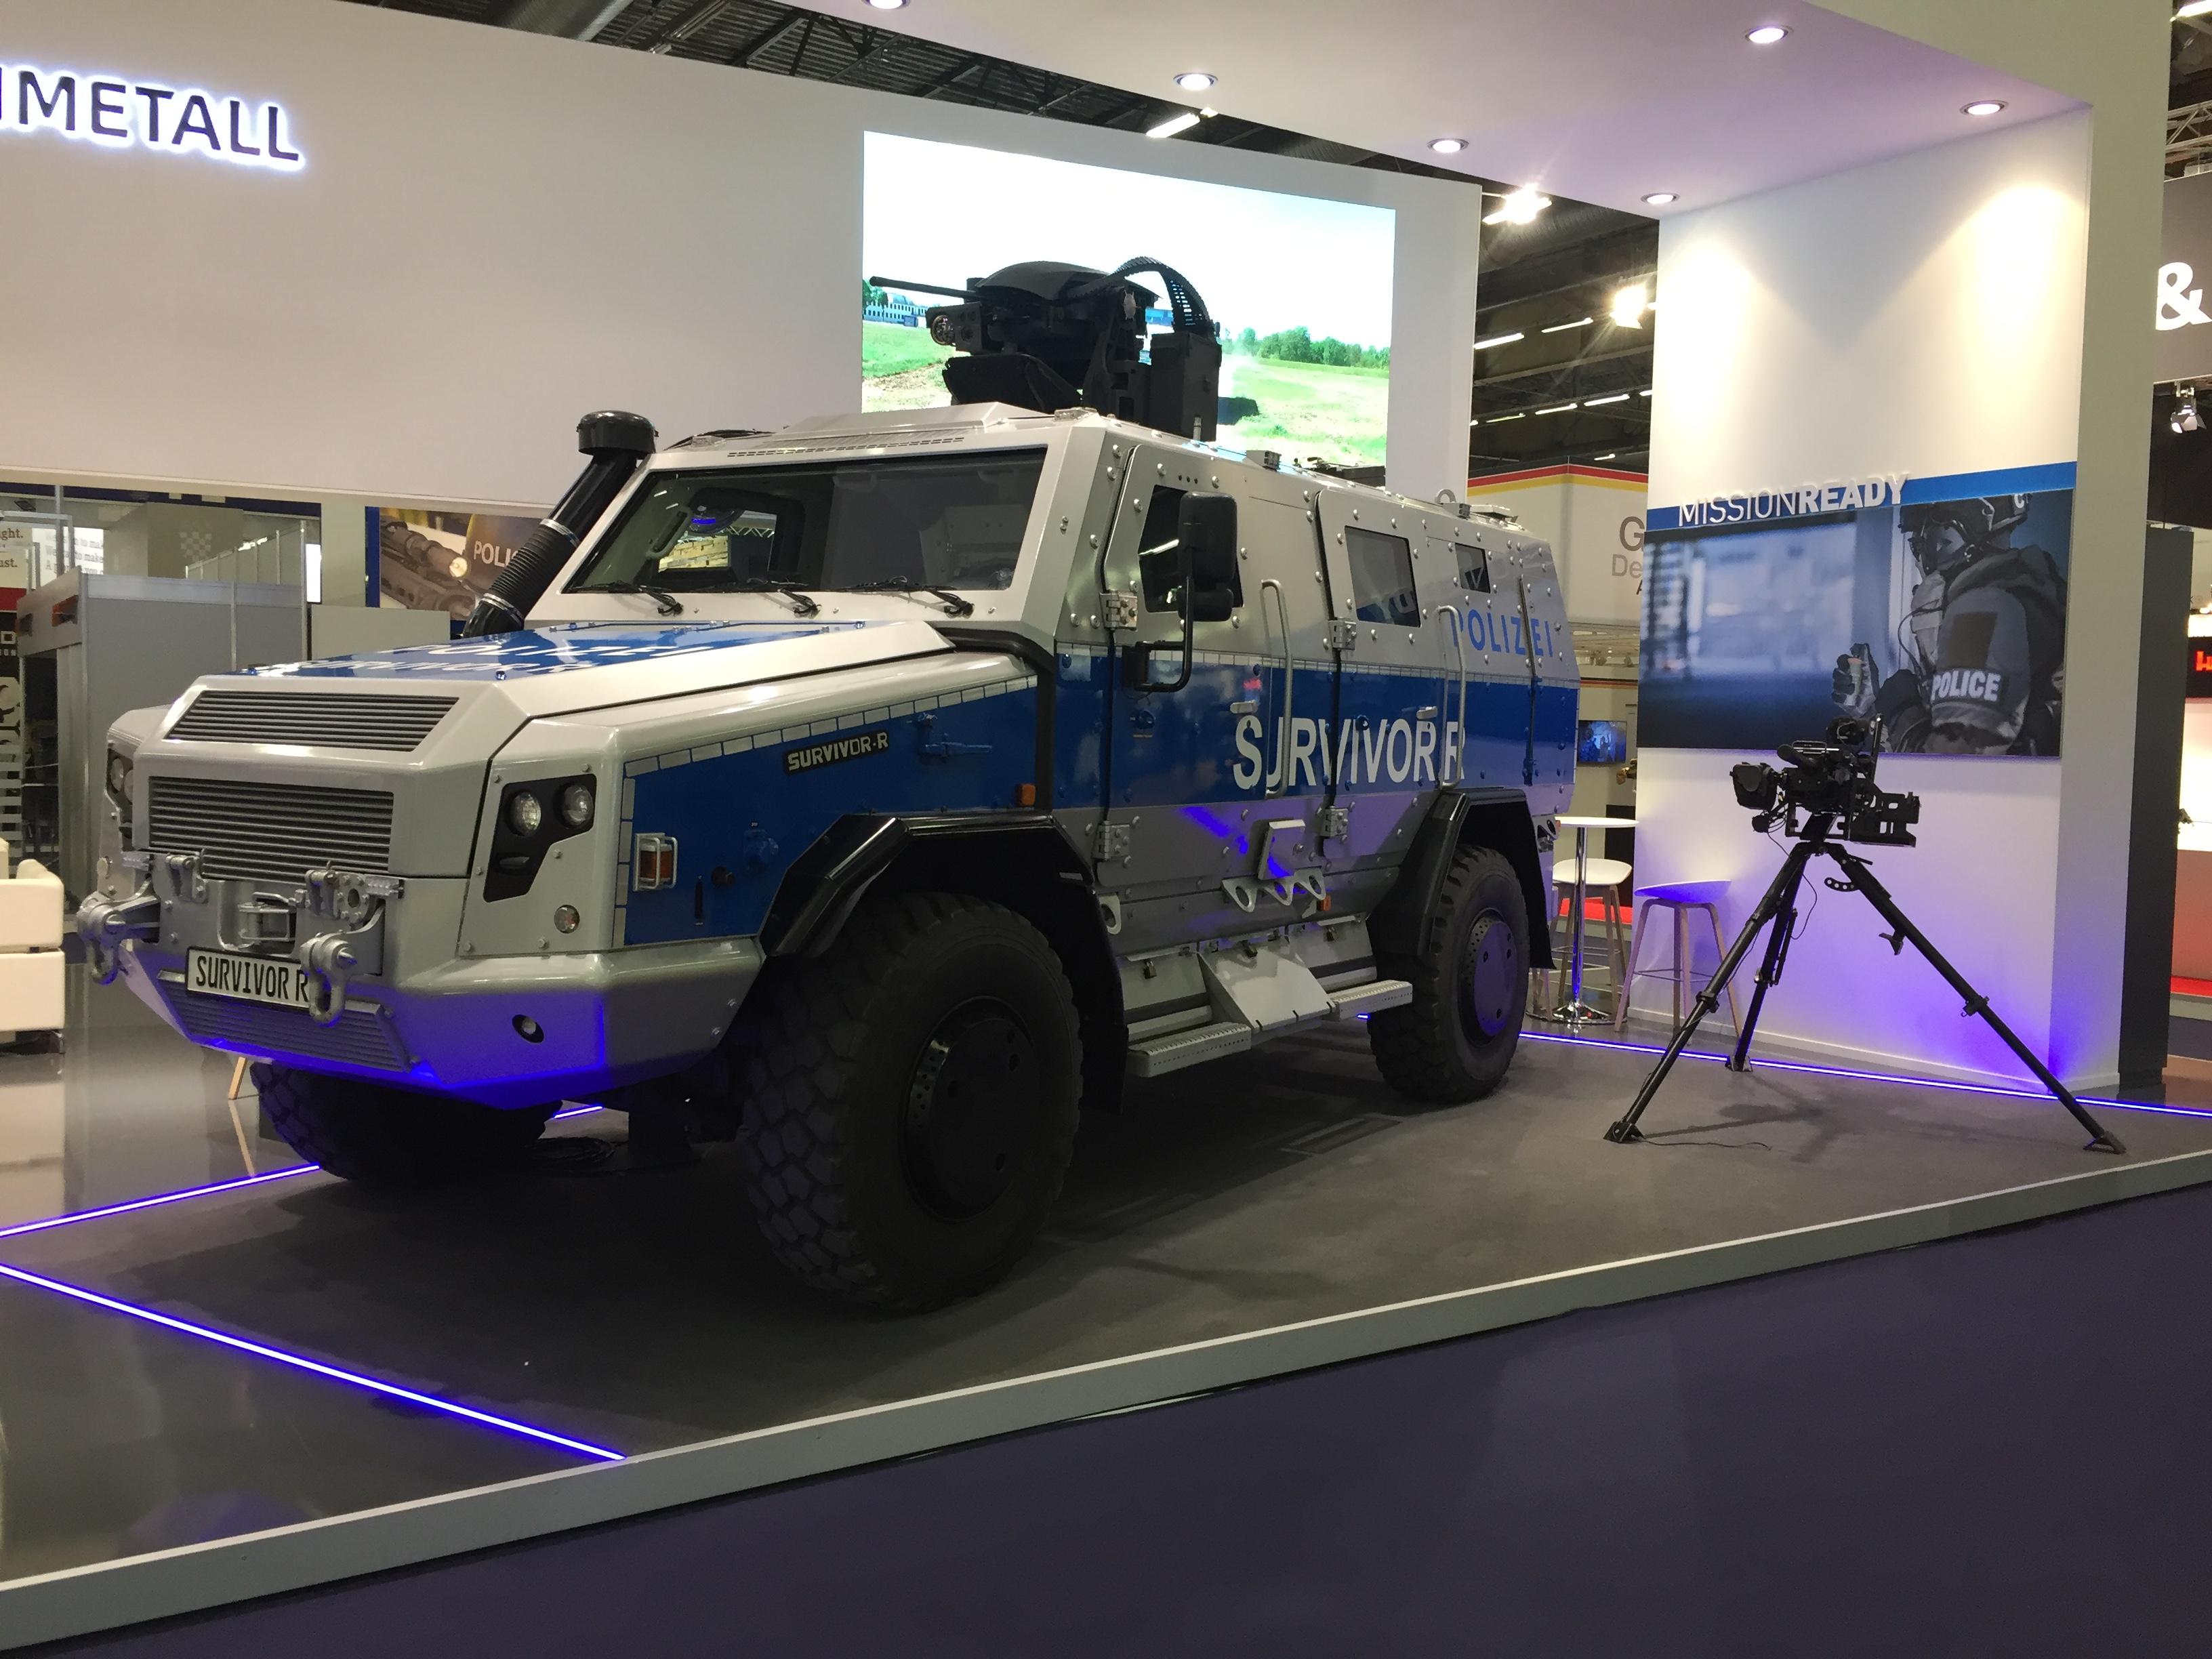 Armored car Rheinmetall Survivor R 4x4 manufactured by Rheinmetall concern